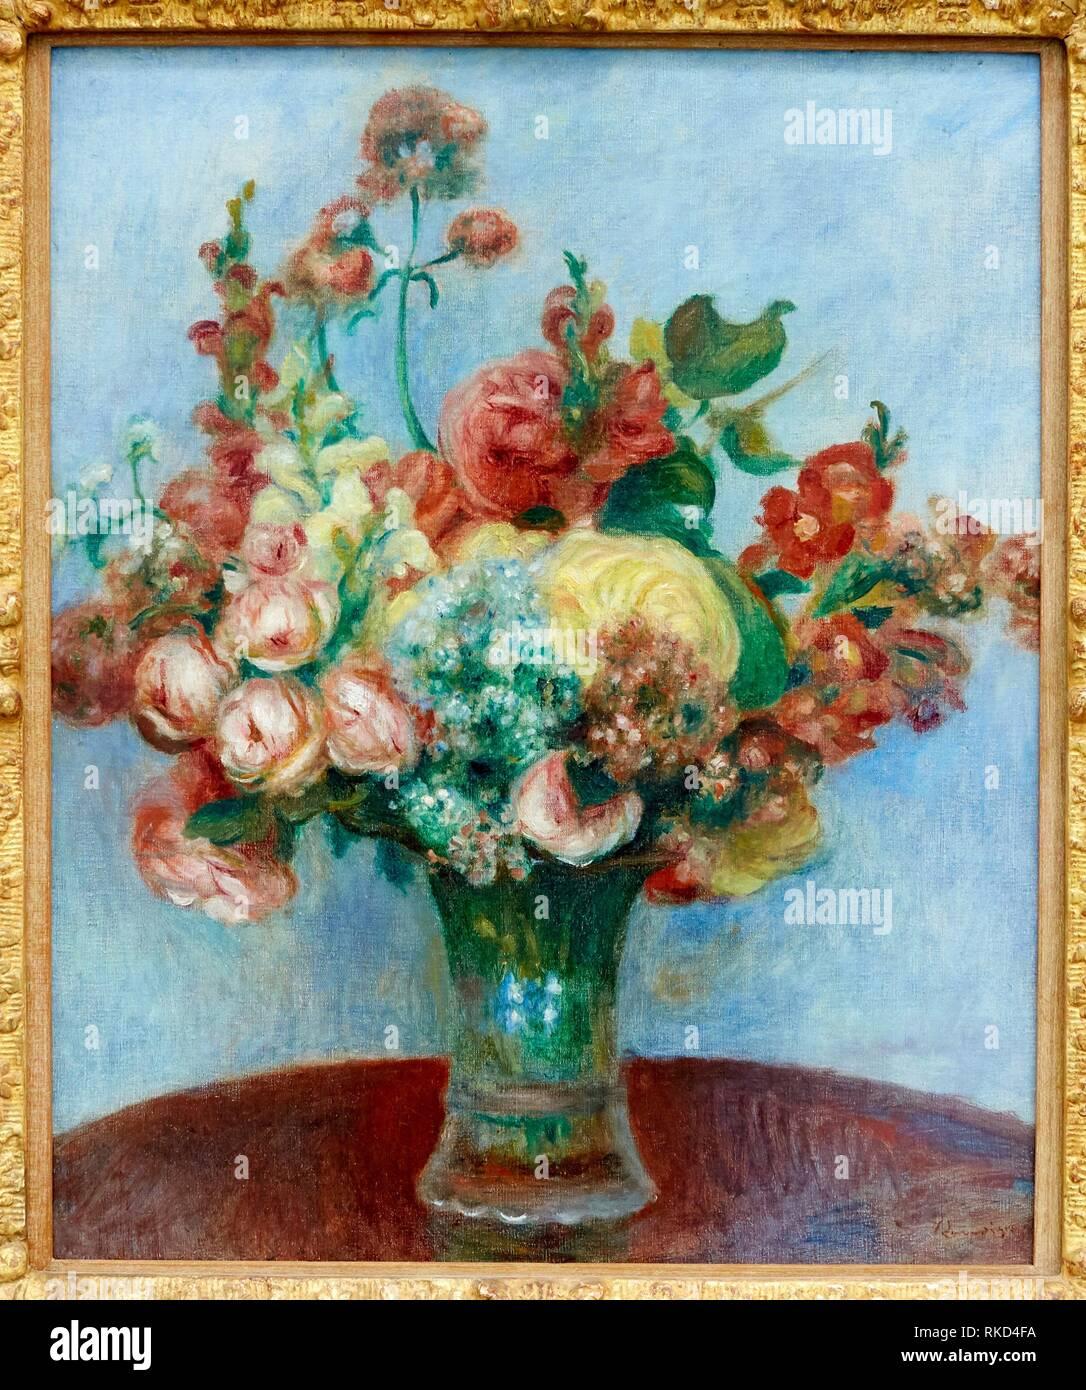 '''Fleurs dans un vase'', Pierre-Auguste Renoir, Musee de L'Orangerie, Tuileries, Paris, France - Stock Image